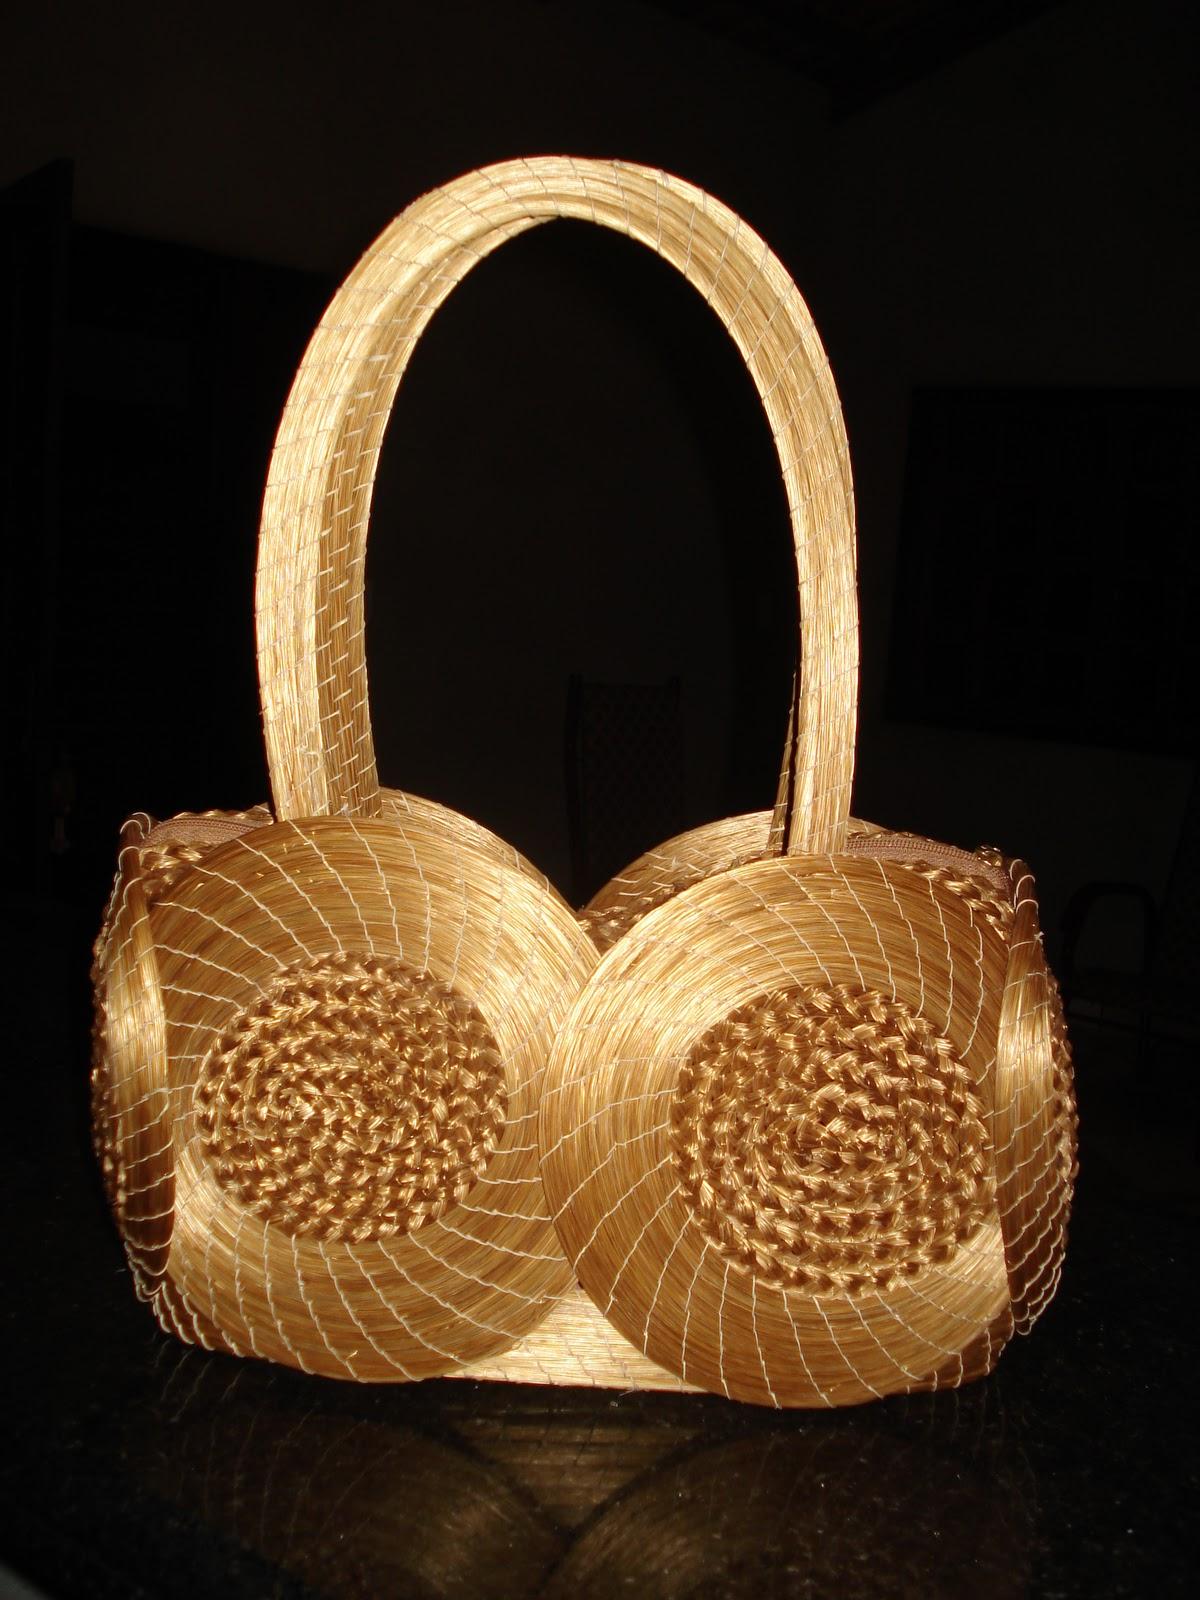 Adesivo De Parede Coruja ~ Conheça o artesanato com Capim Dourado feito no Tocantins Arteblog